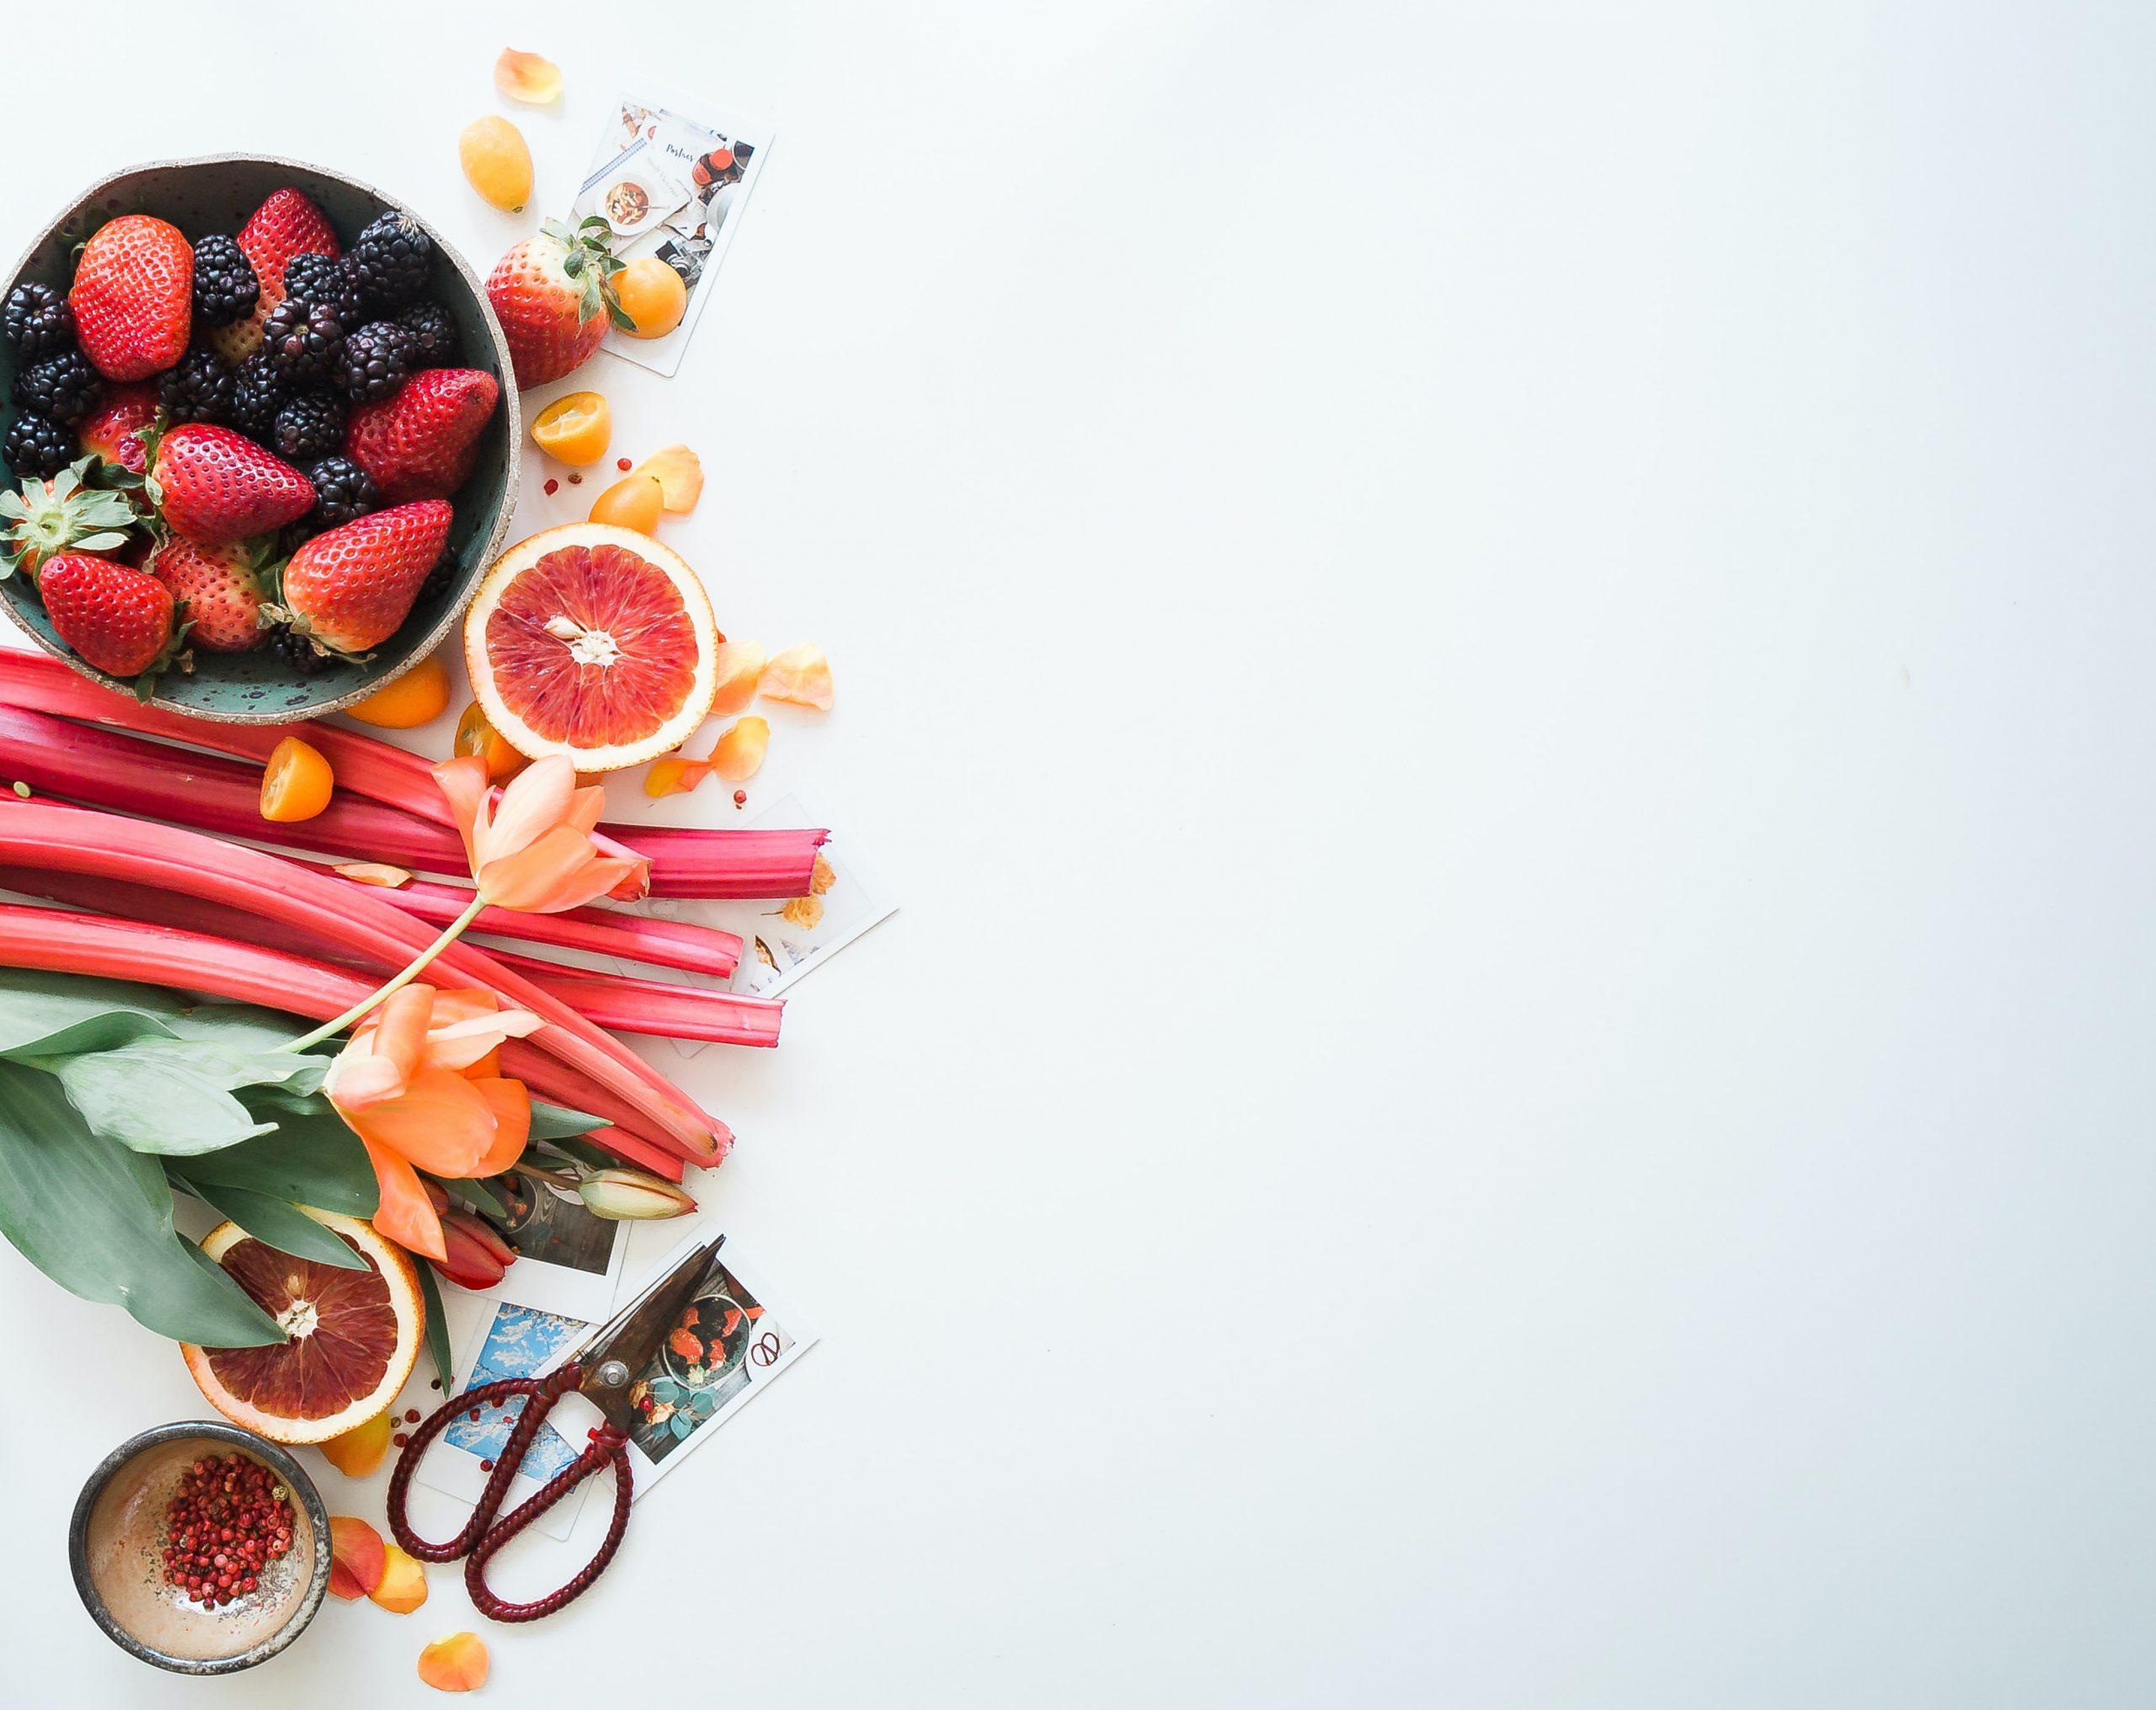 聽說吃澱粉食物容易胖!醣與糖有差嗎?